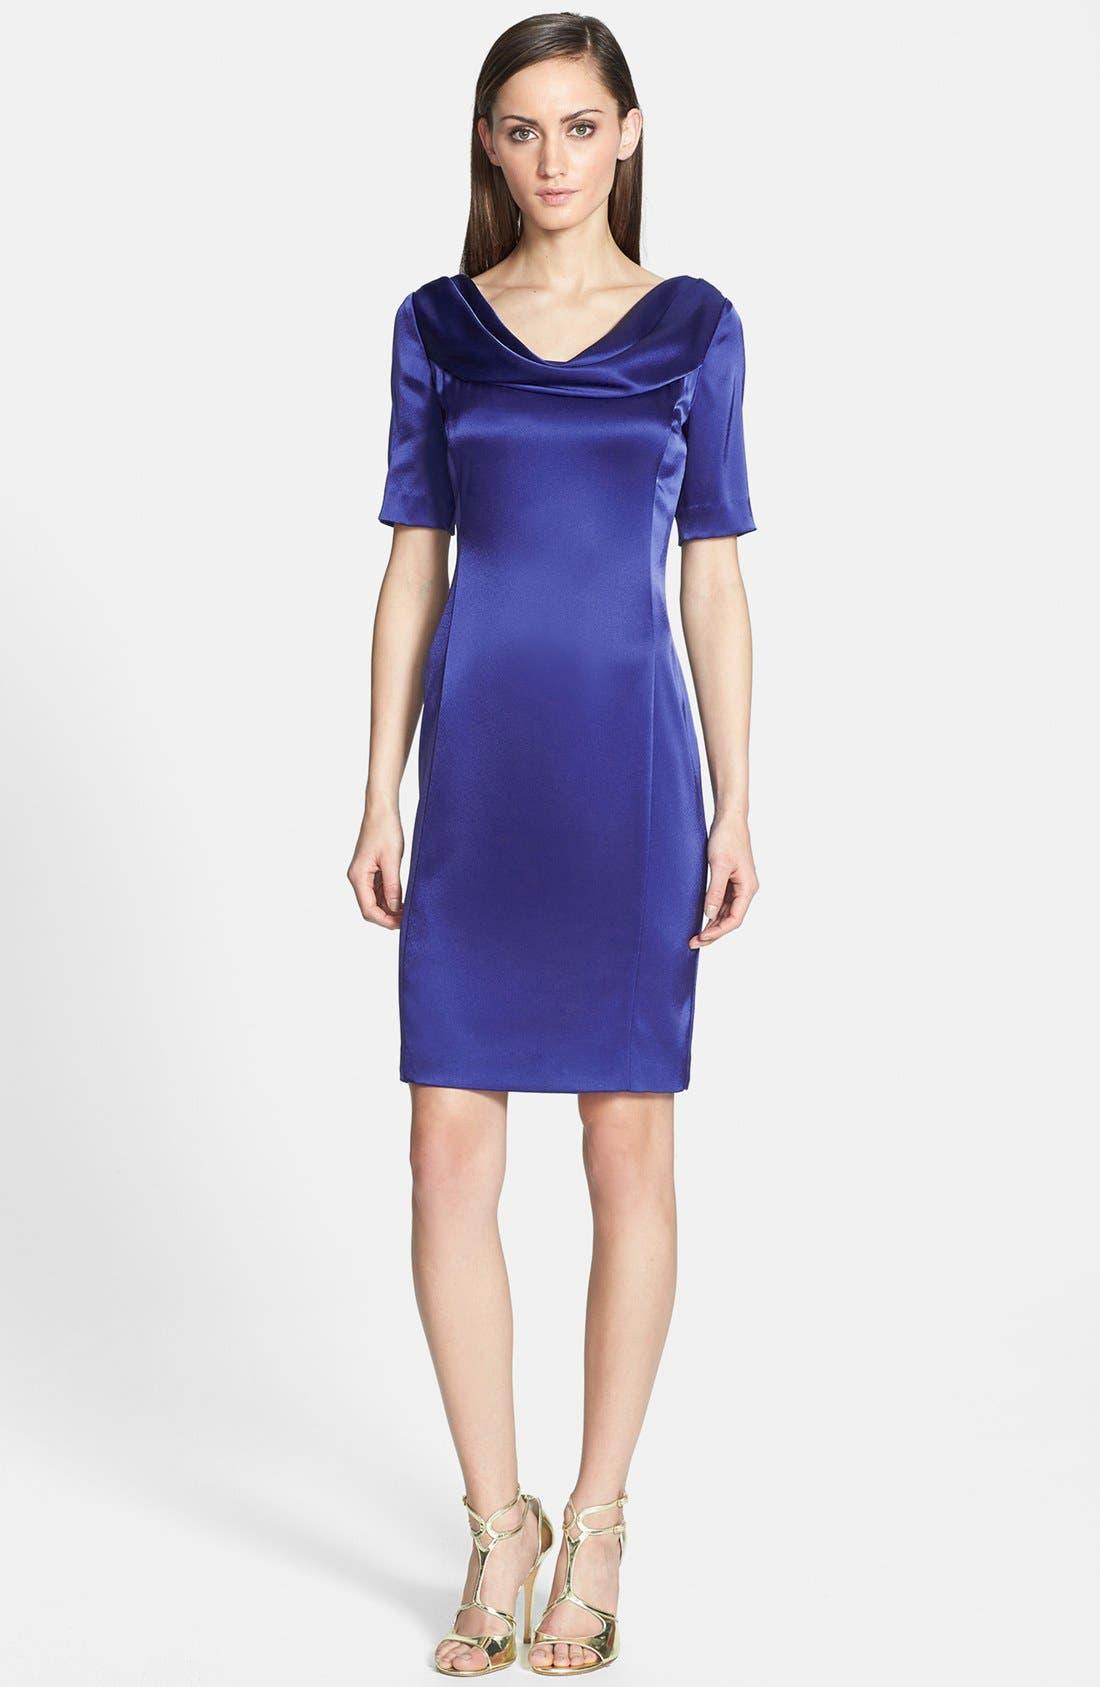 Liquid Satin Cowl Neck Dress, Main, color, 400